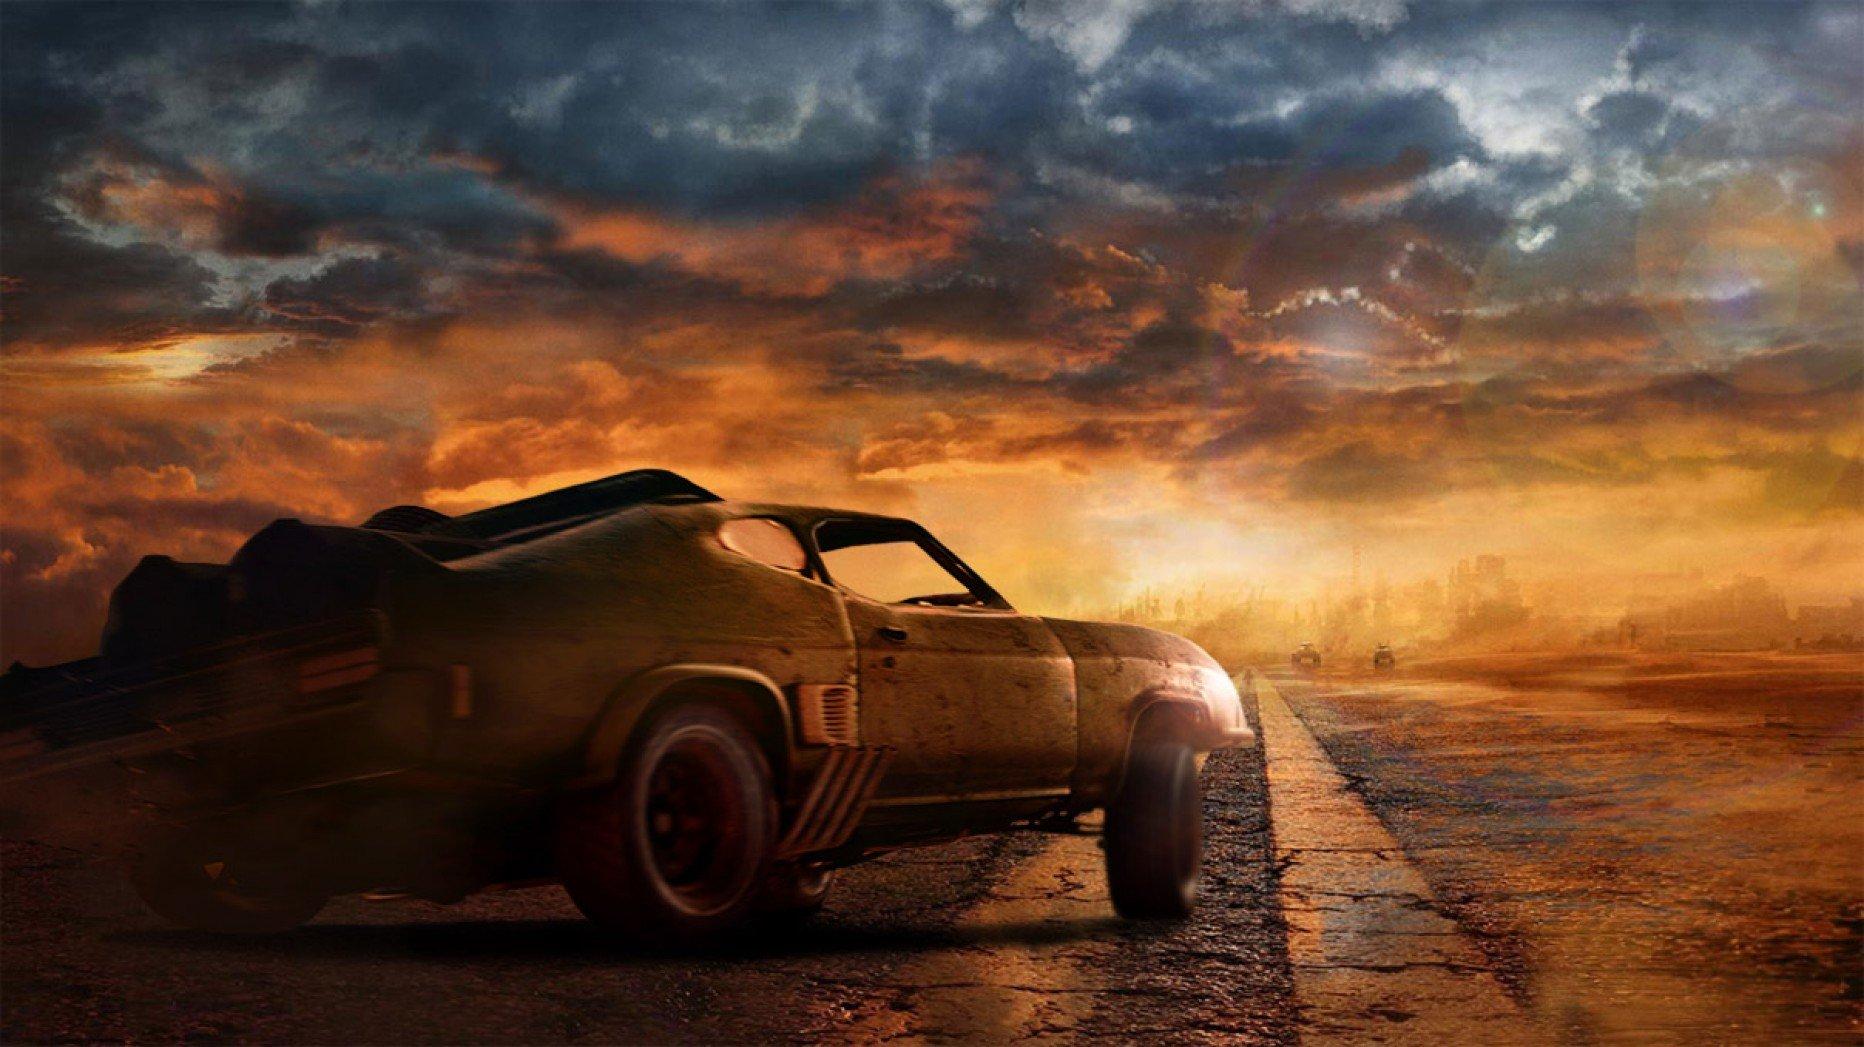 MAD MAX action adventure thriller sci fi apocalyptic futuristic 8 1864x1047